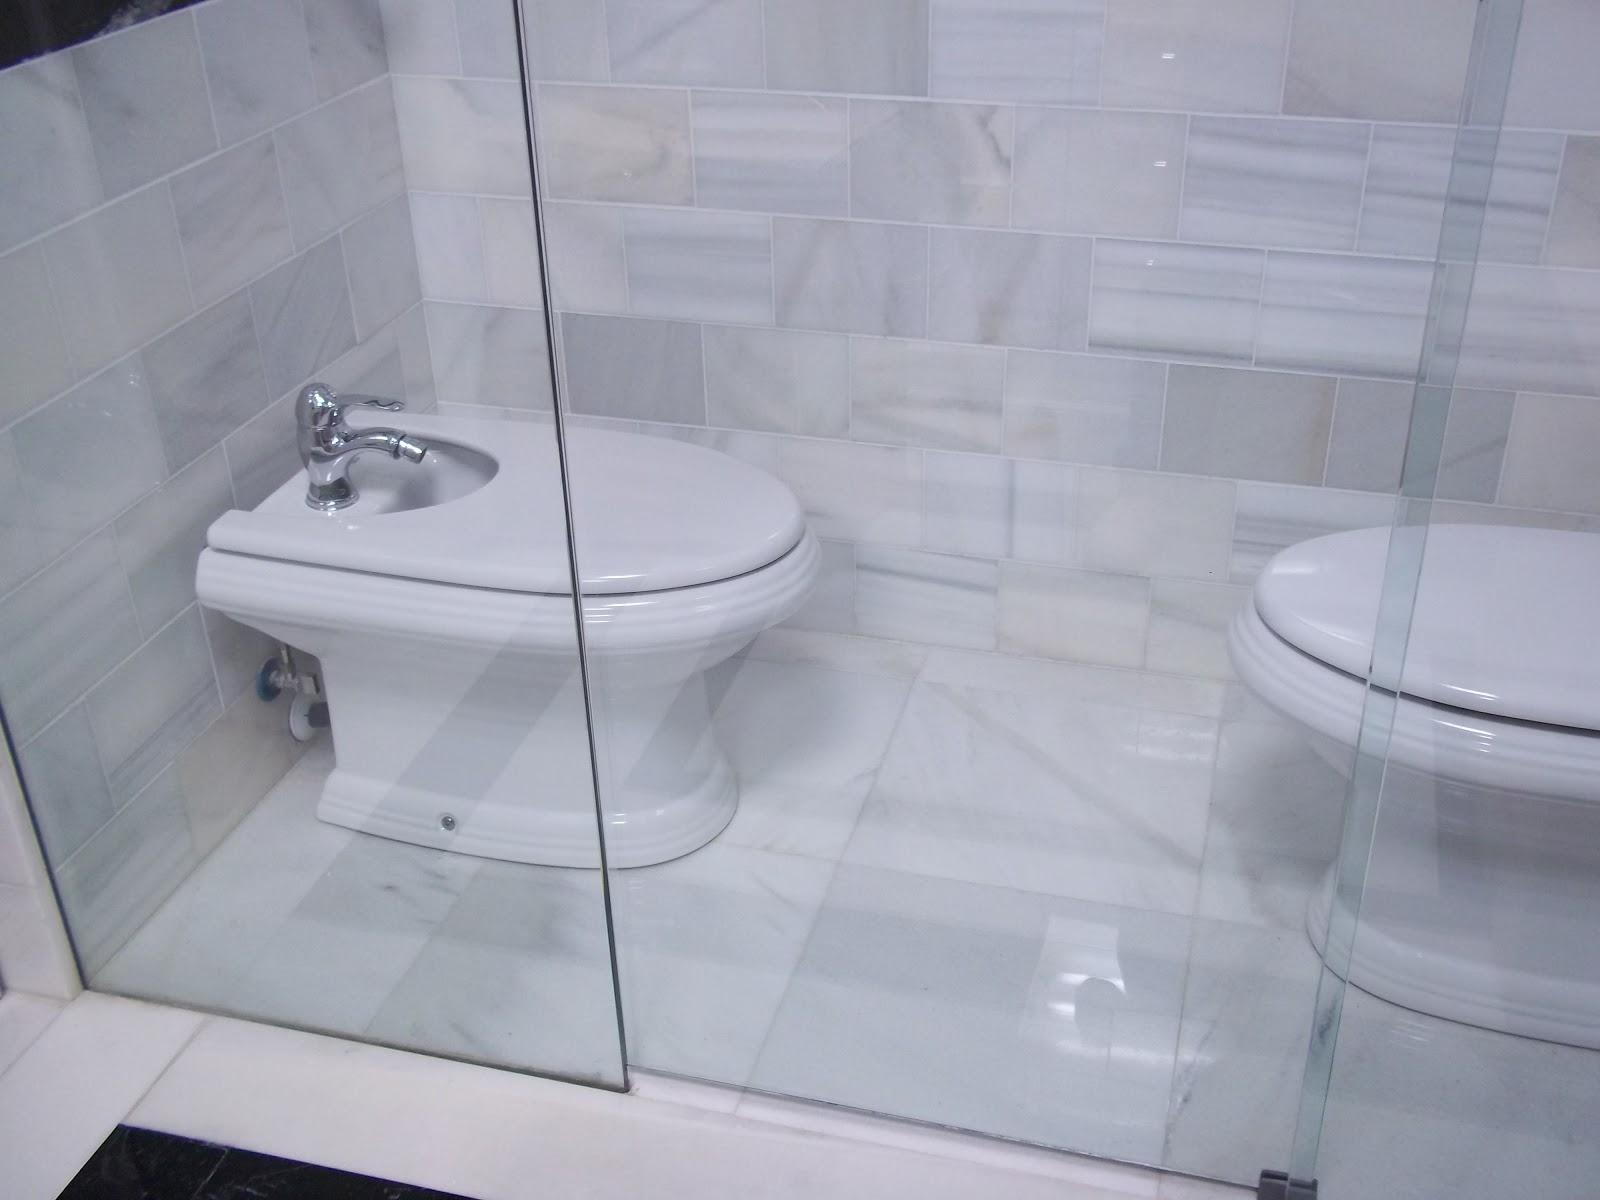 Inodoro Para Baño Pequeno:reservado para inodoro y bidé con separación mediante mampara de